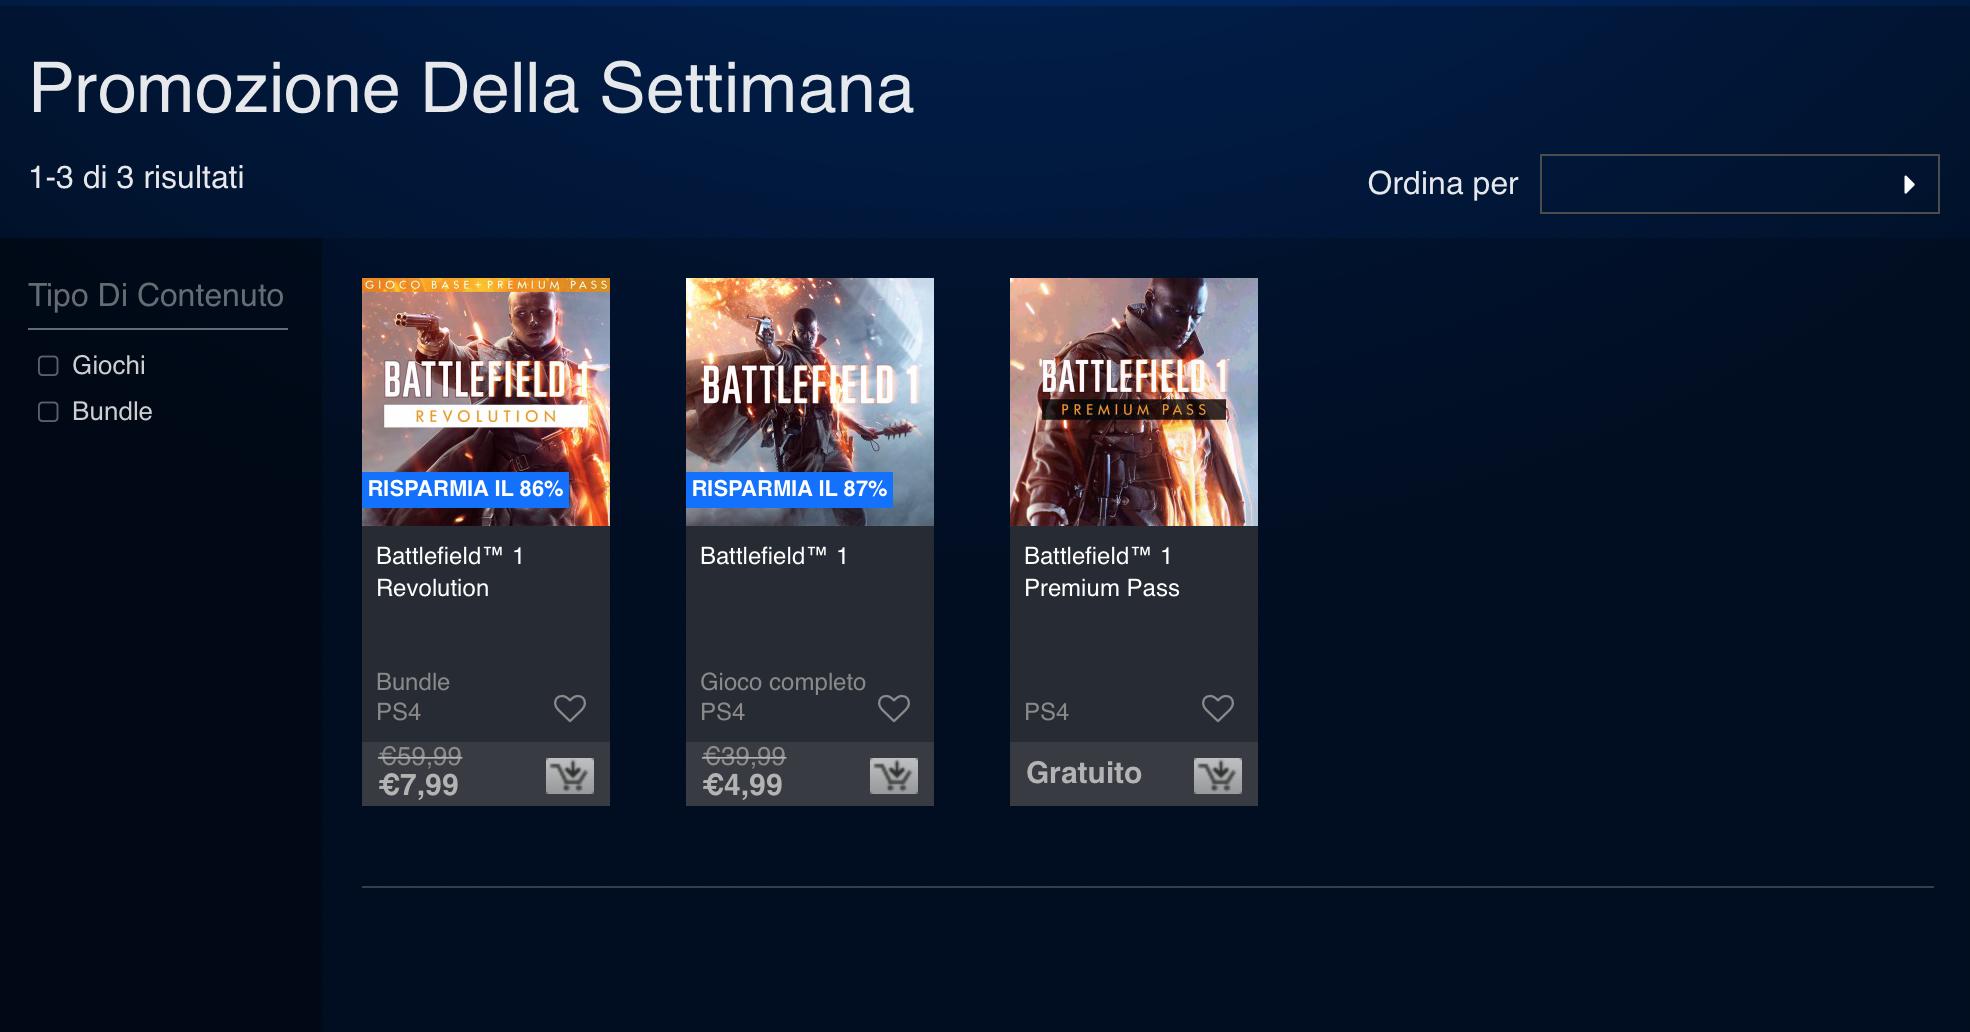 Battlefield 1 disponibile sul PlayStation Store a soli 4,99 euro 1